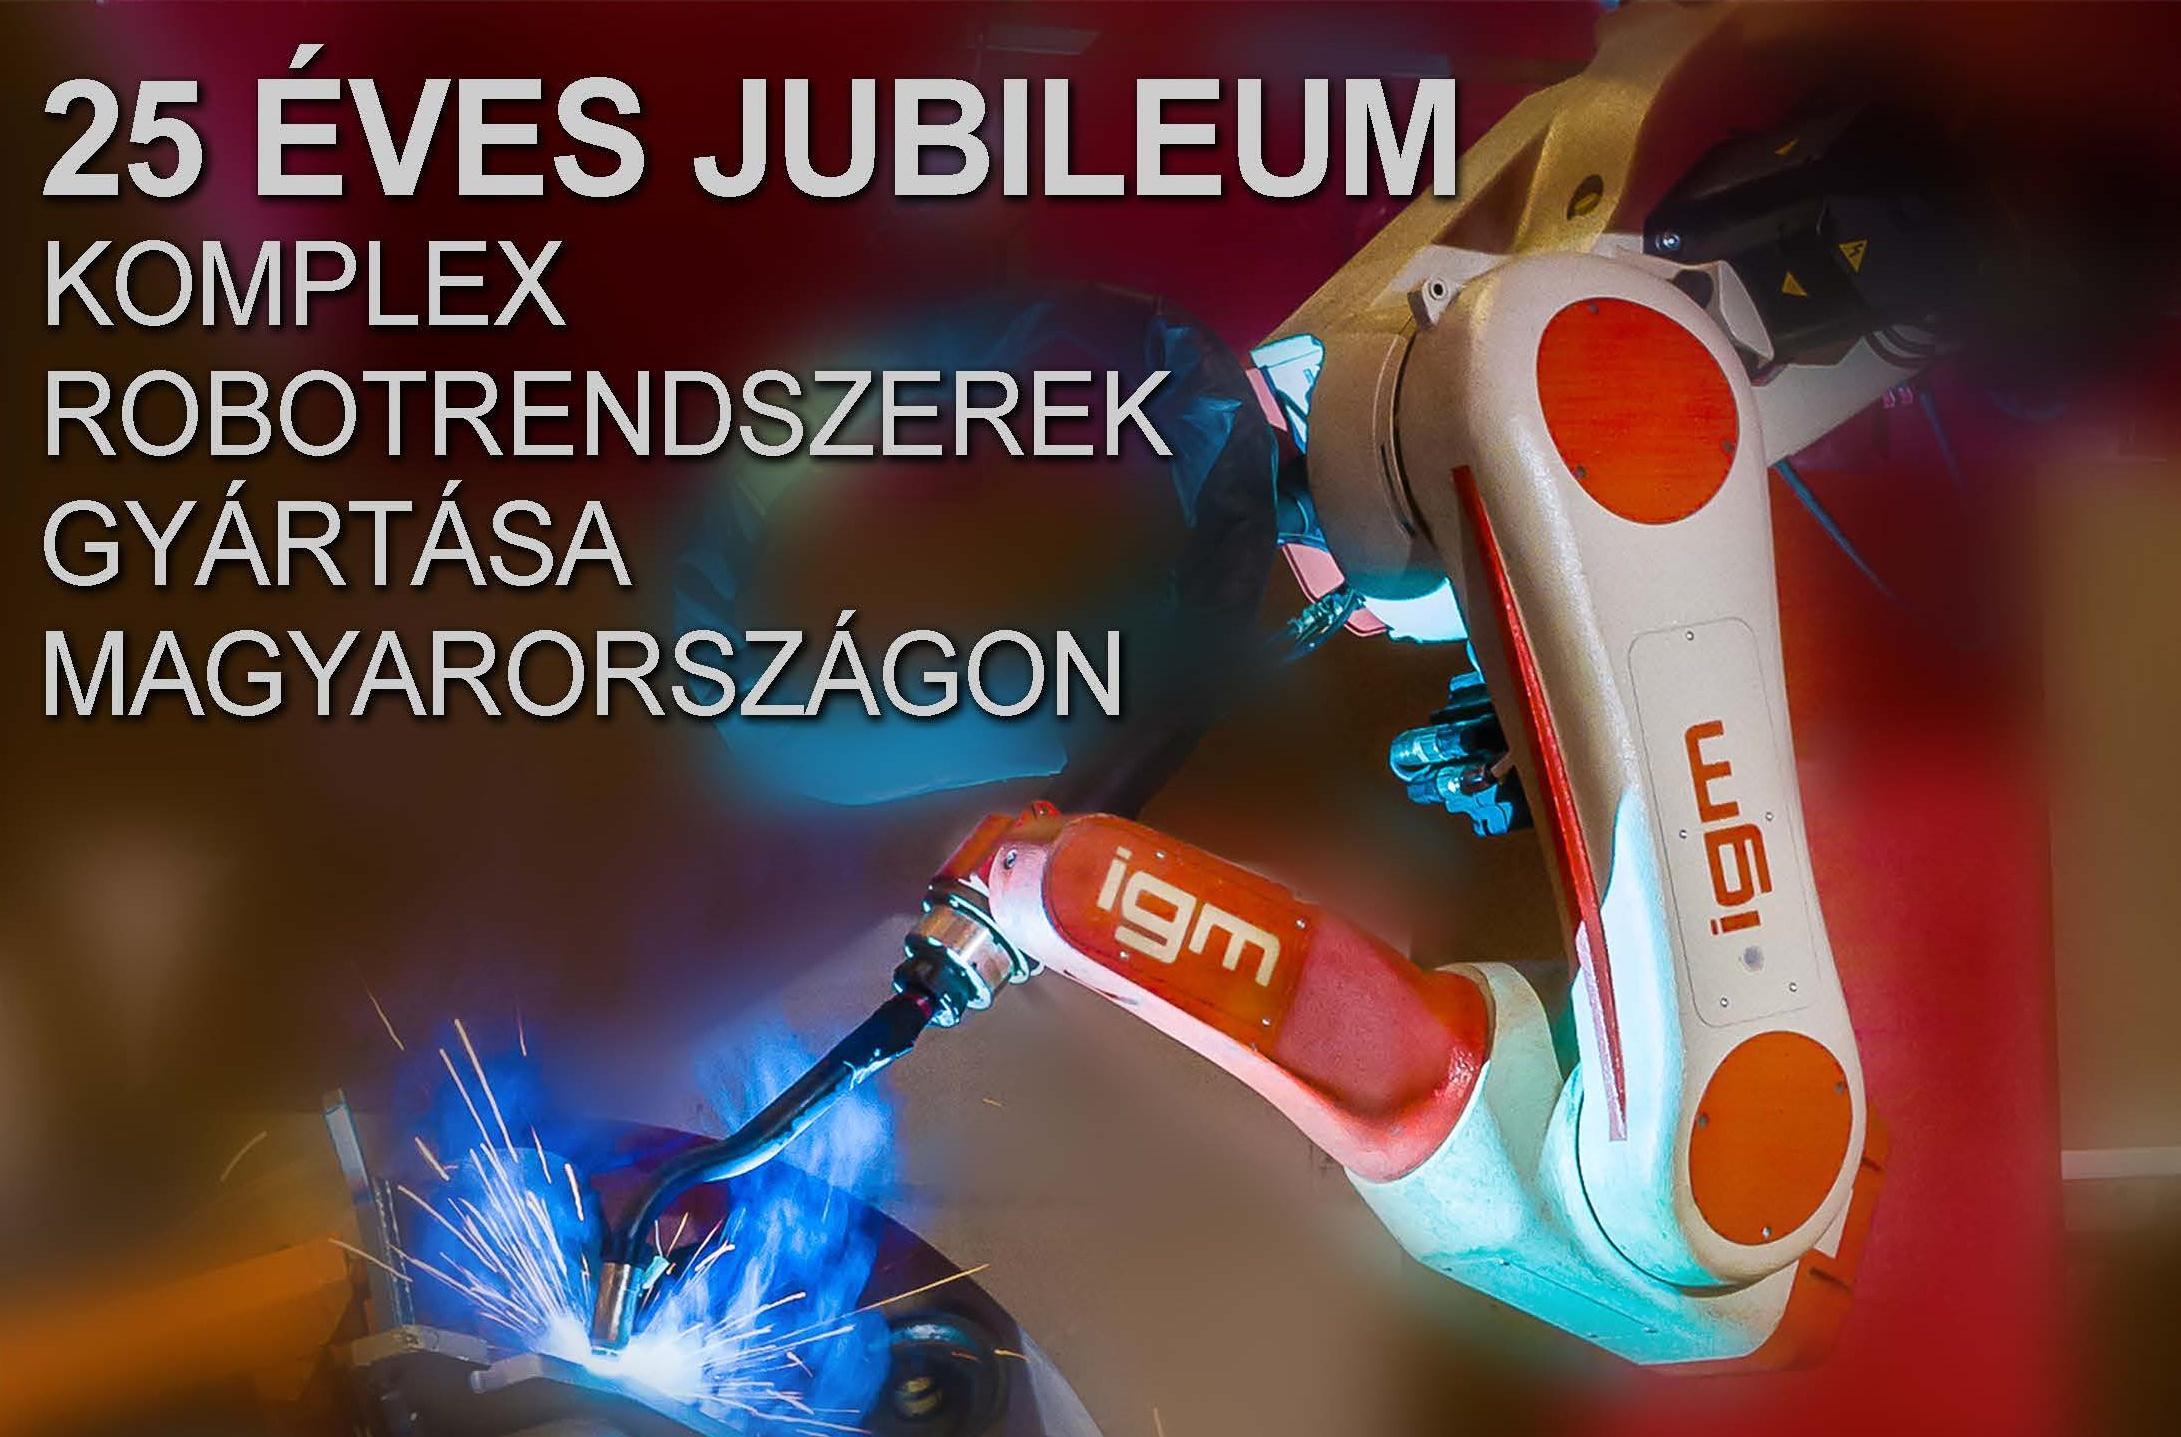 igm Robotrendszerek a hegesztőrobotok egyedi világában – 25 éves JUBILEUM komplex robotrendszerek gyártása Magyarországon